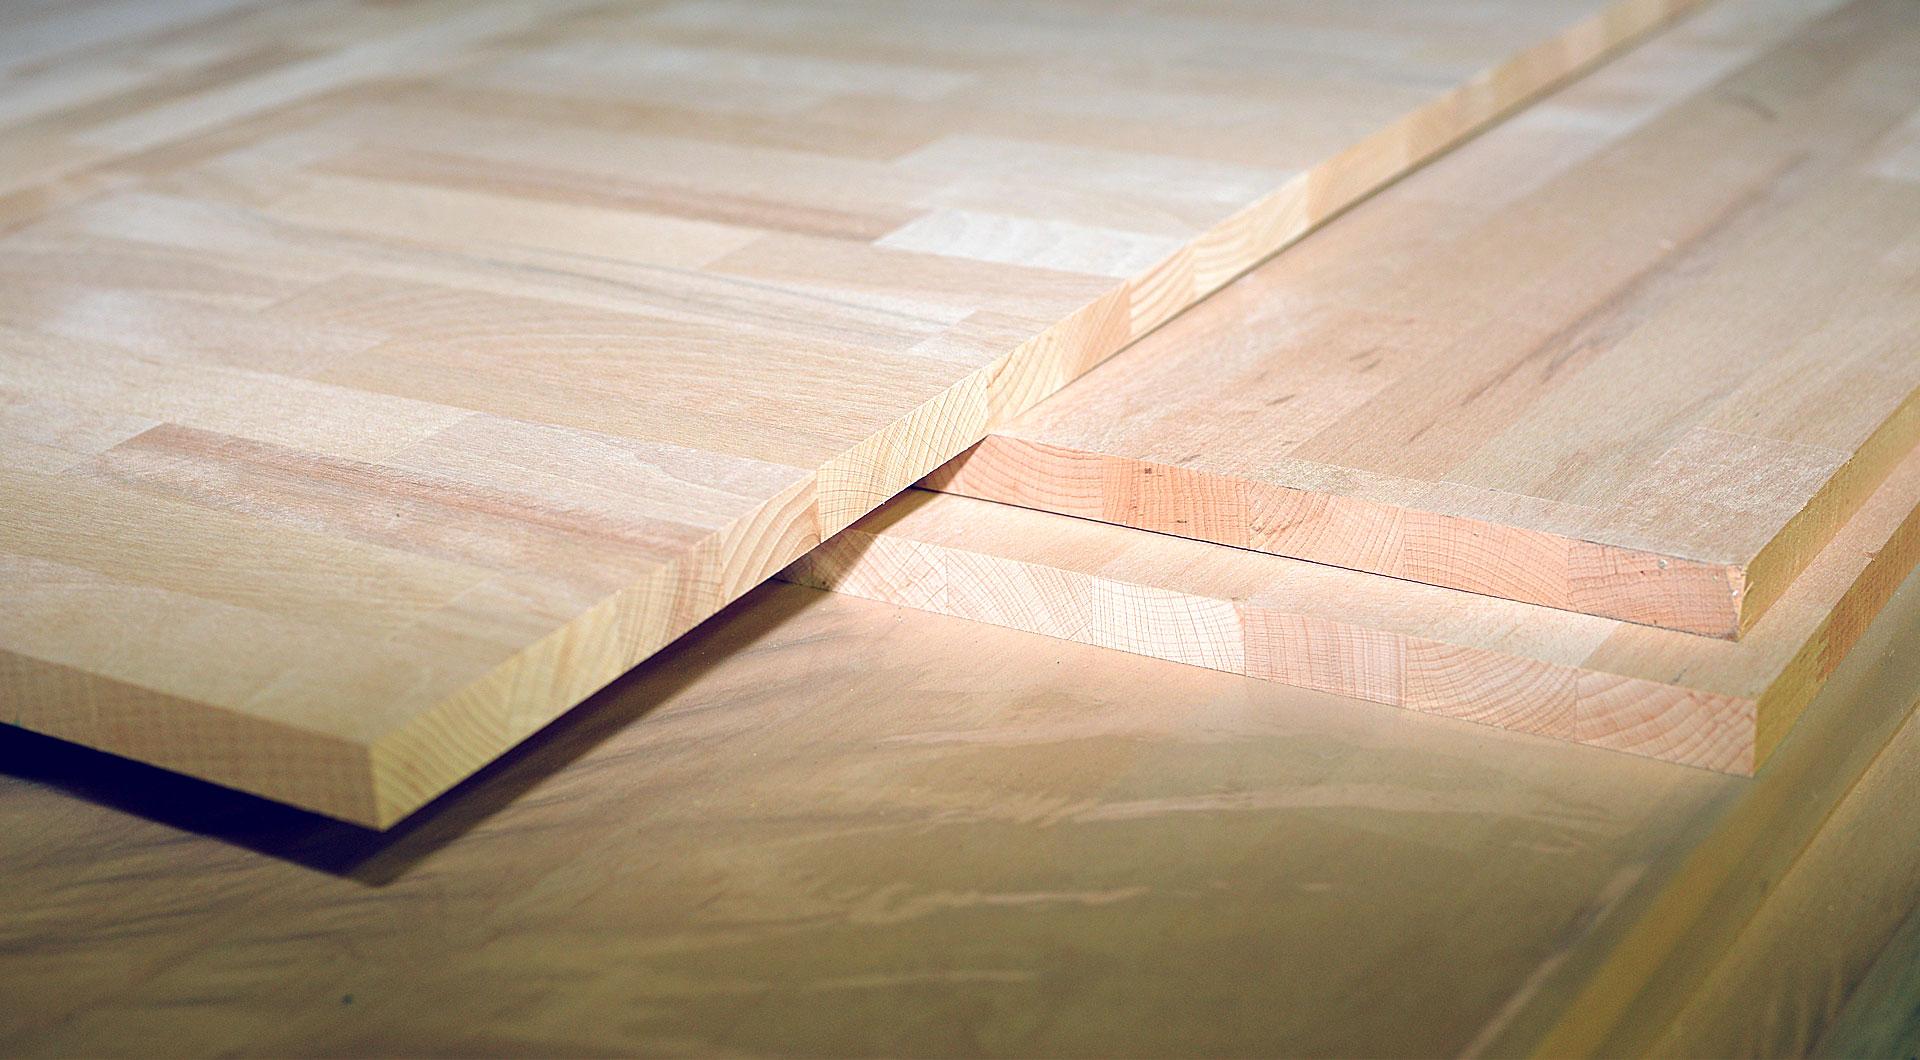 Arbeitsplatten mit HPL-Oberflächen bei Holz Roeren